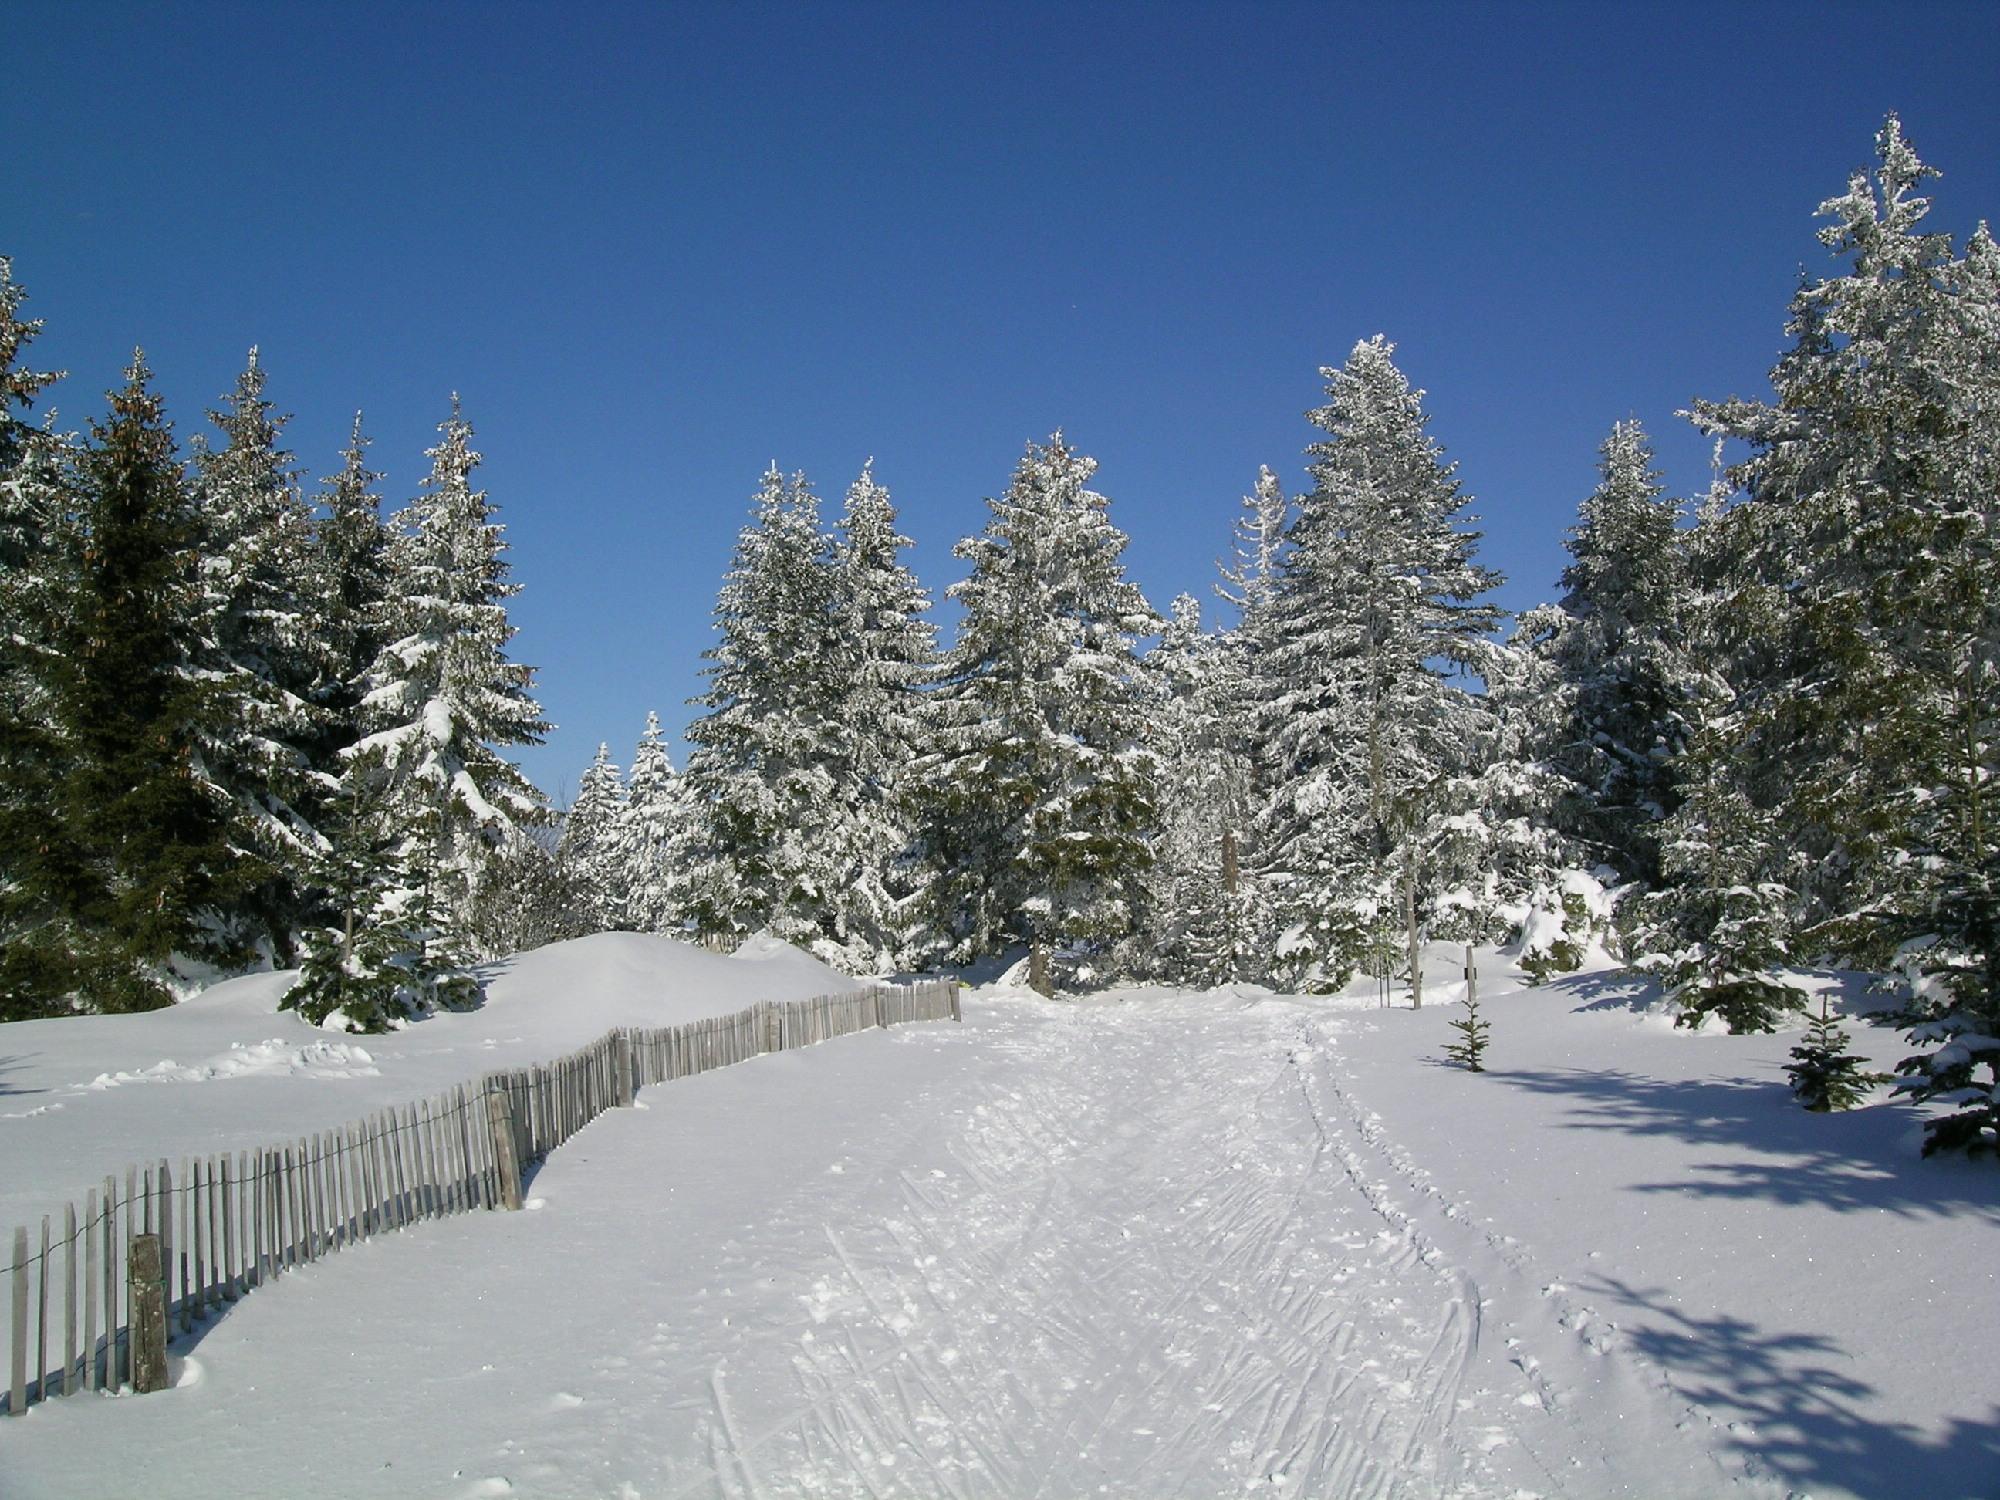 Station pleine nature les bouviers lozere for Piste de ski interieur